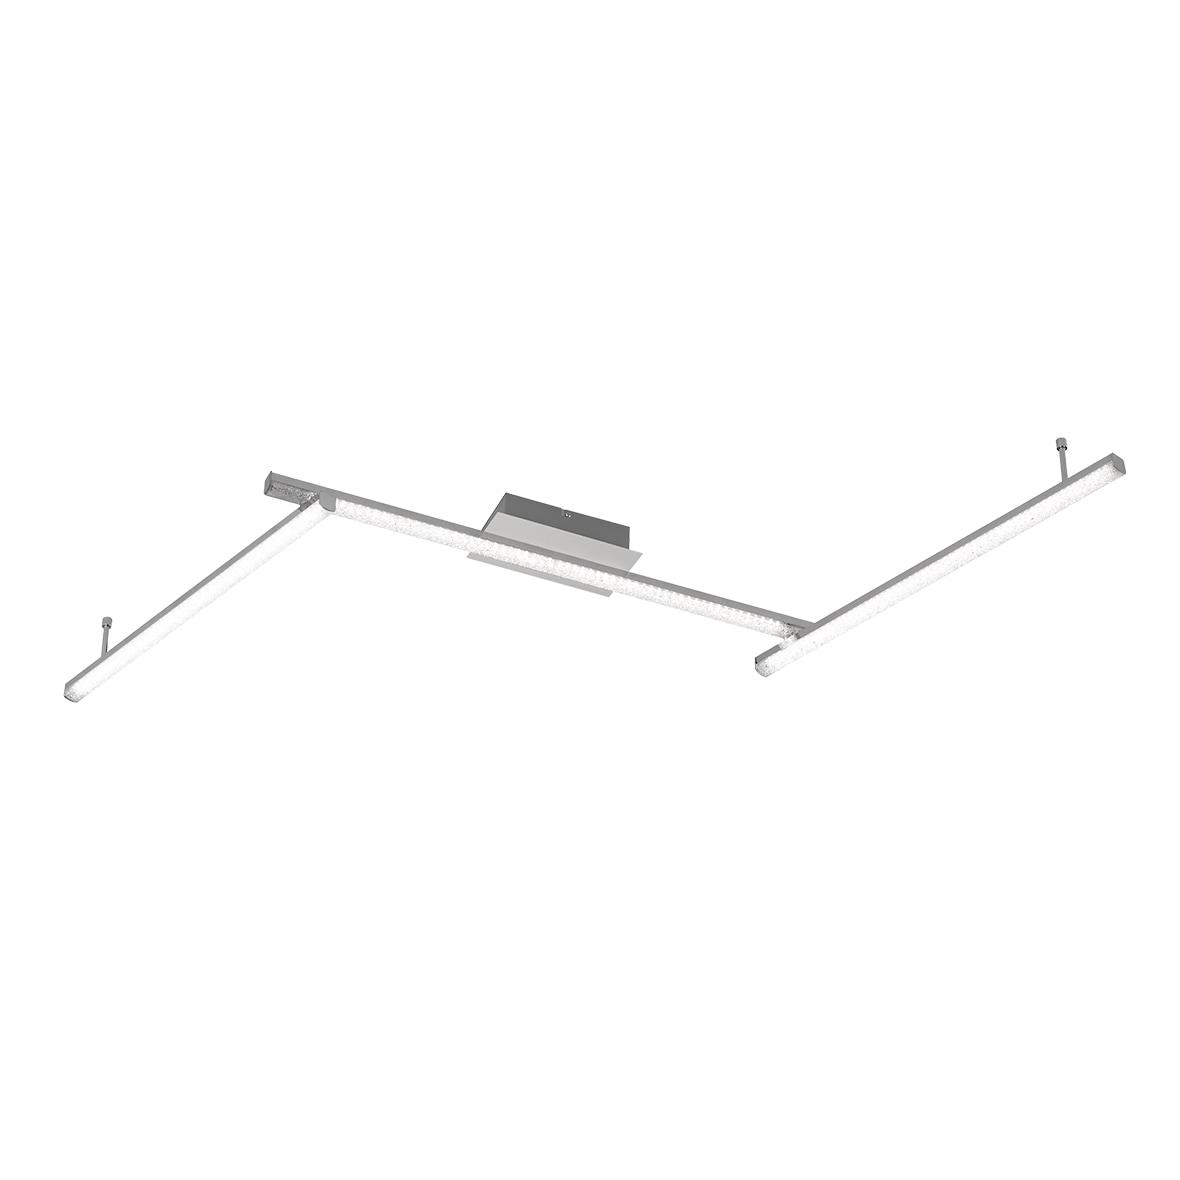 WOFI LED Deckenleuchte Akron, LED-Board, Warmweiß